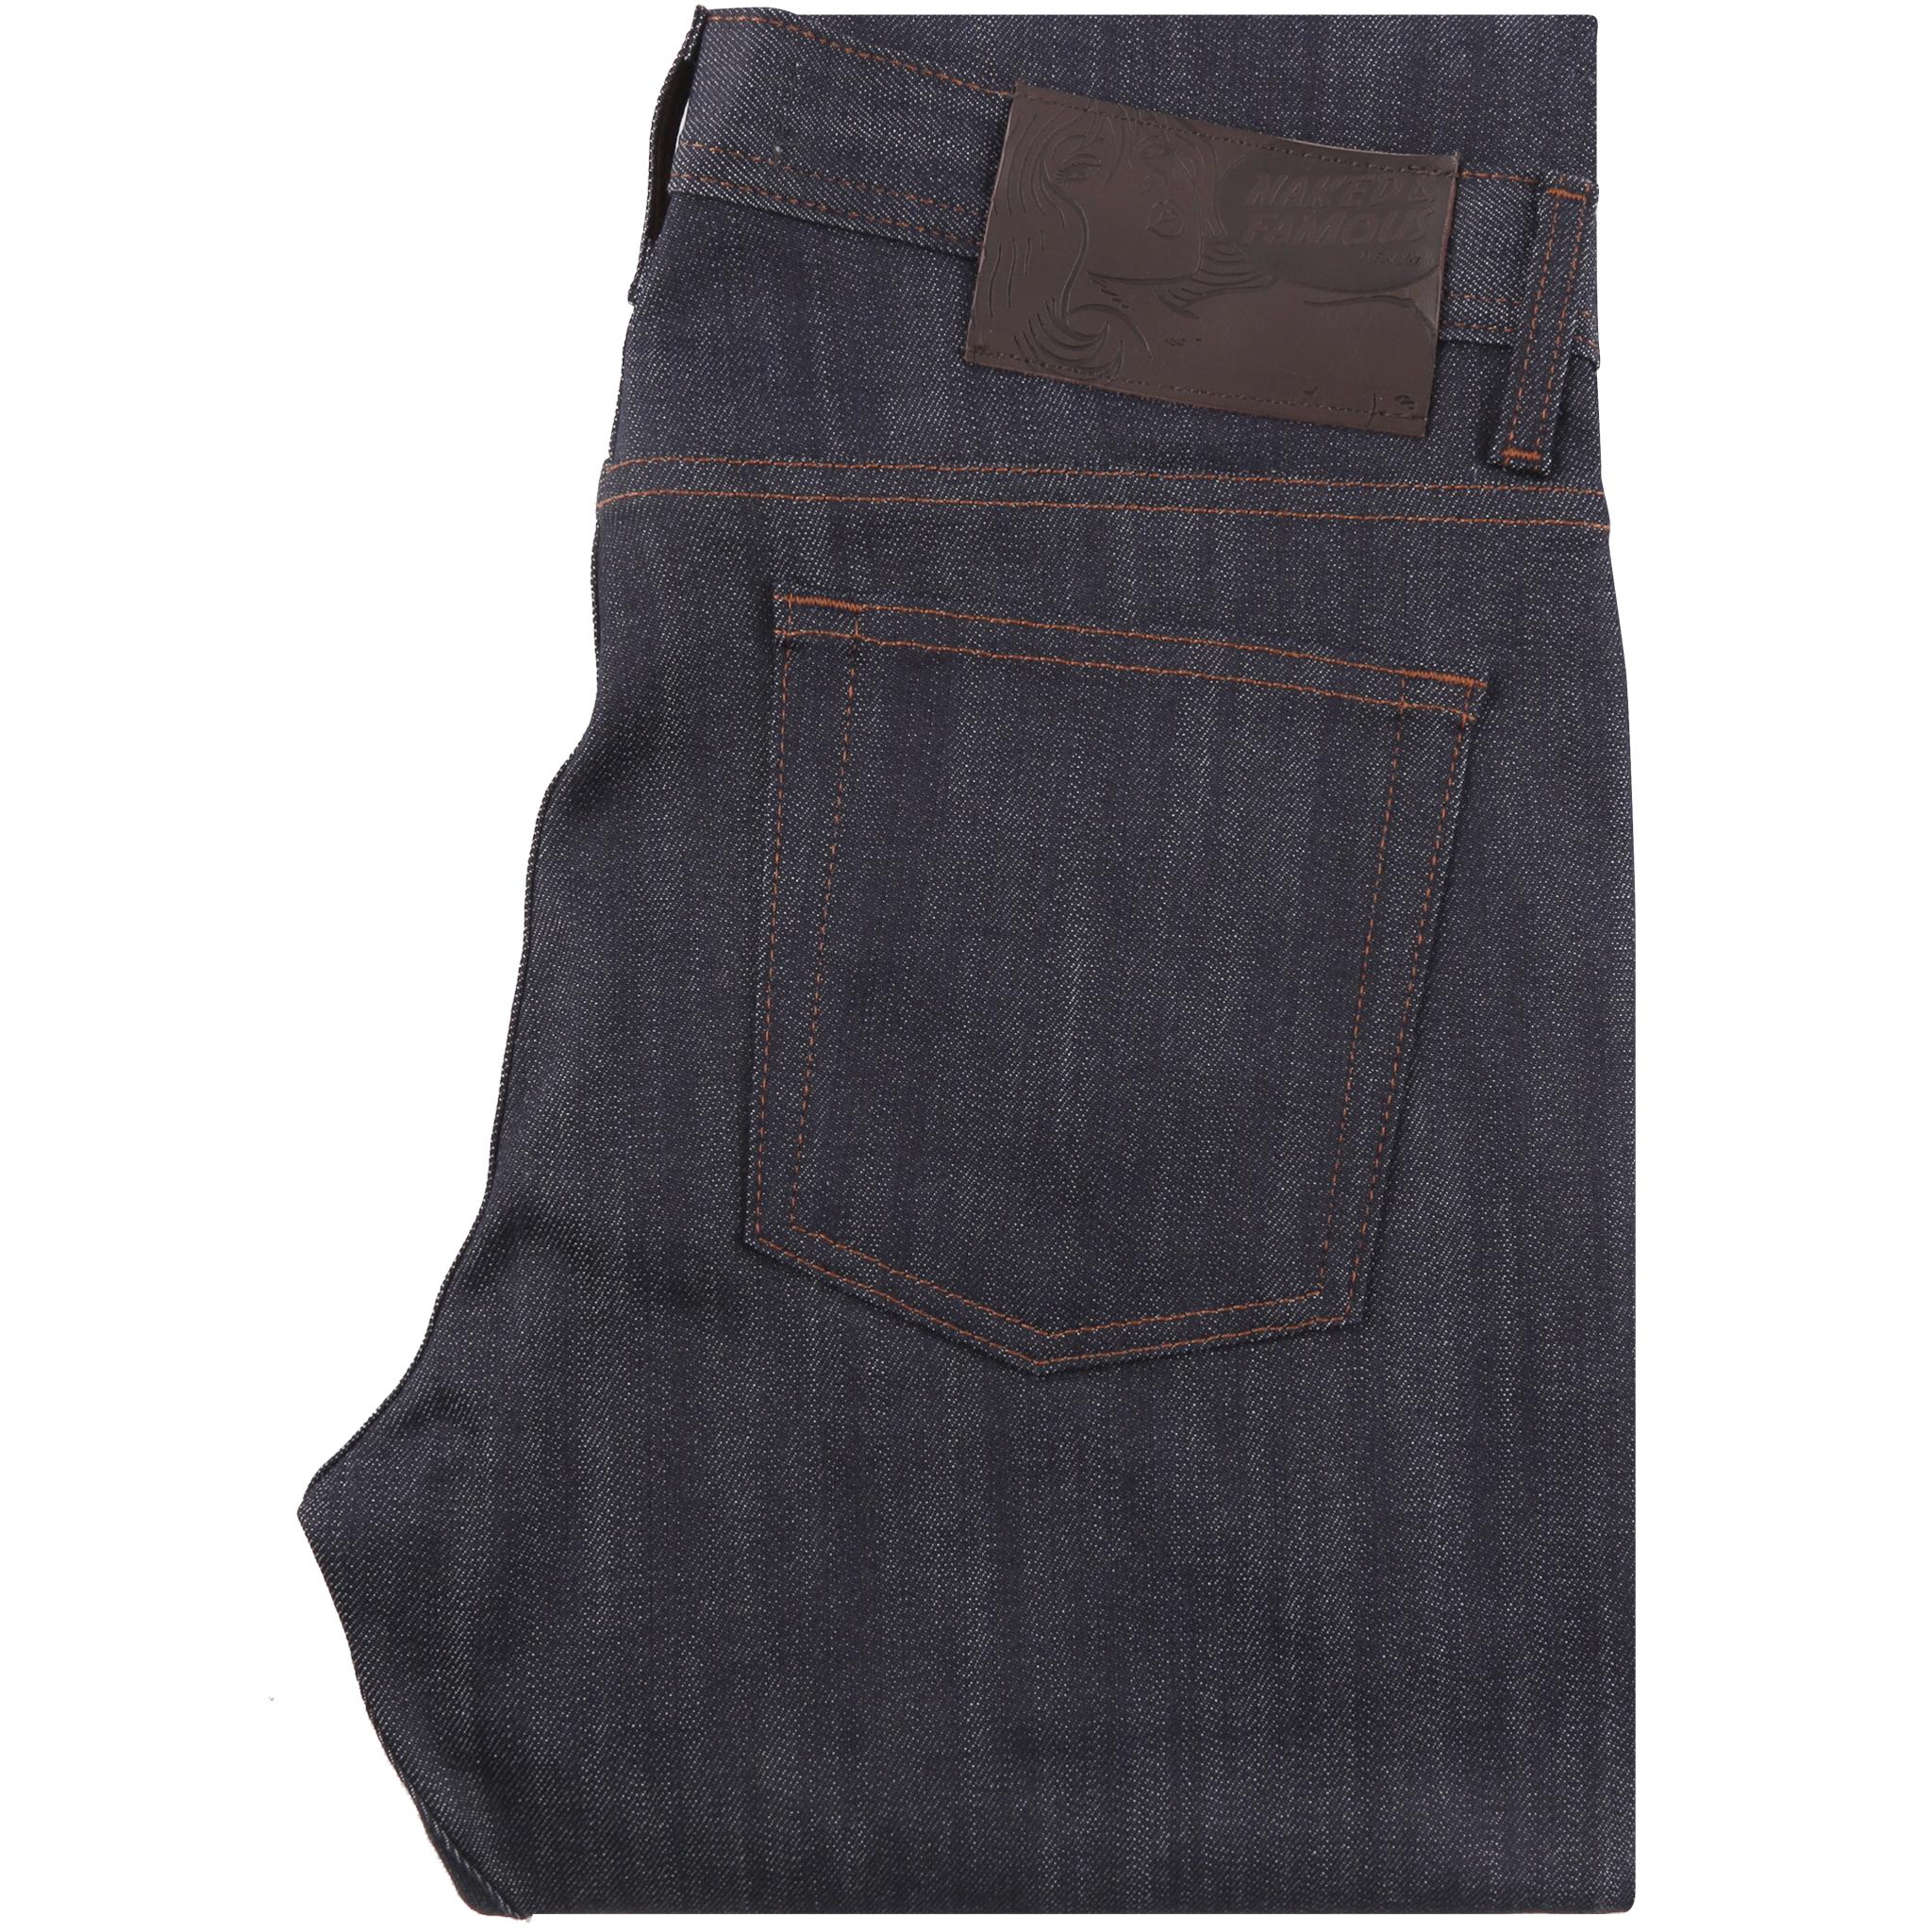 Indigo Power-Stretch Jeans Folded